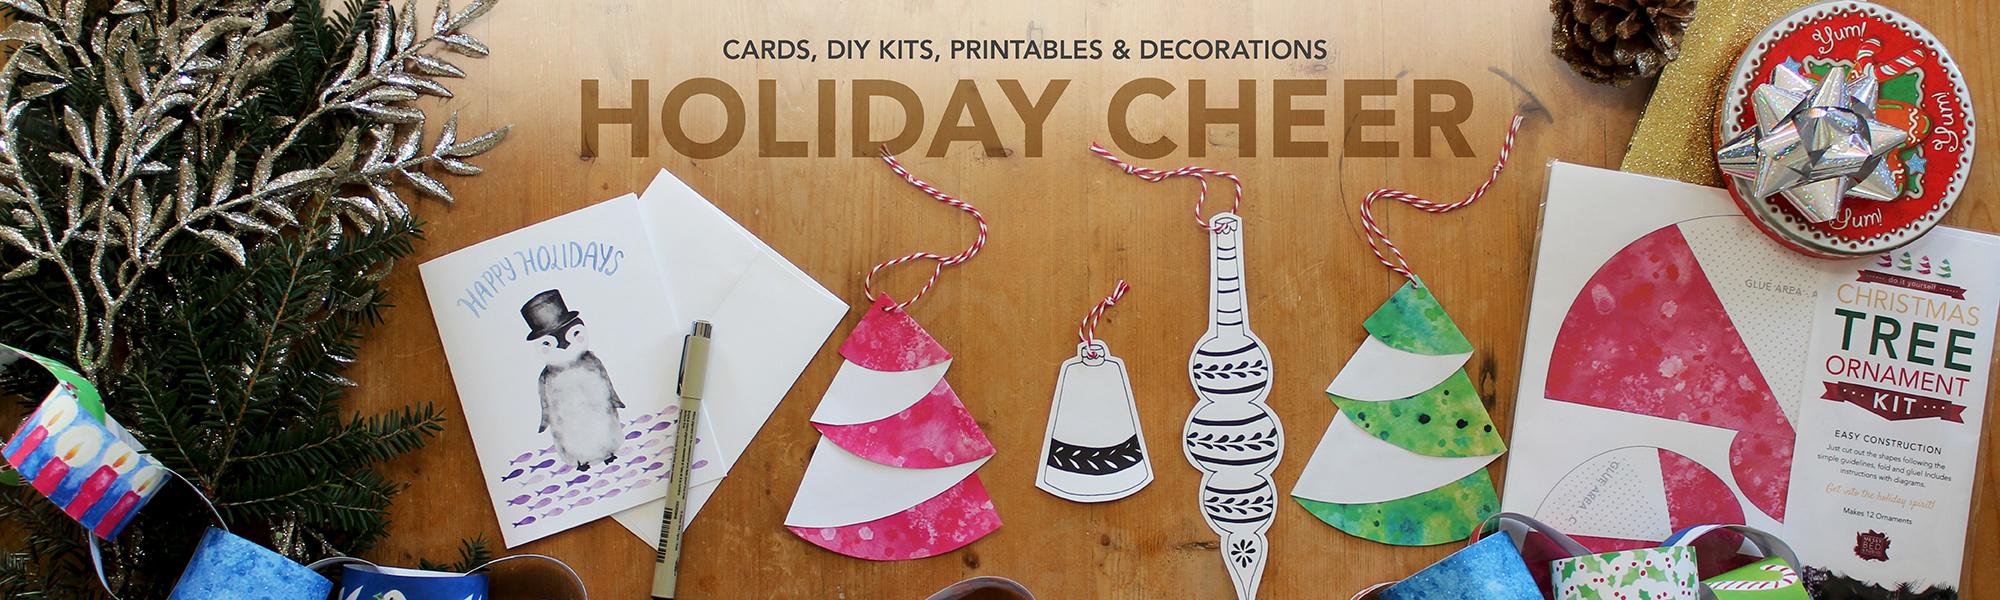 holiday cheer, cards, diy kits, printables, decorations at messy bed studio